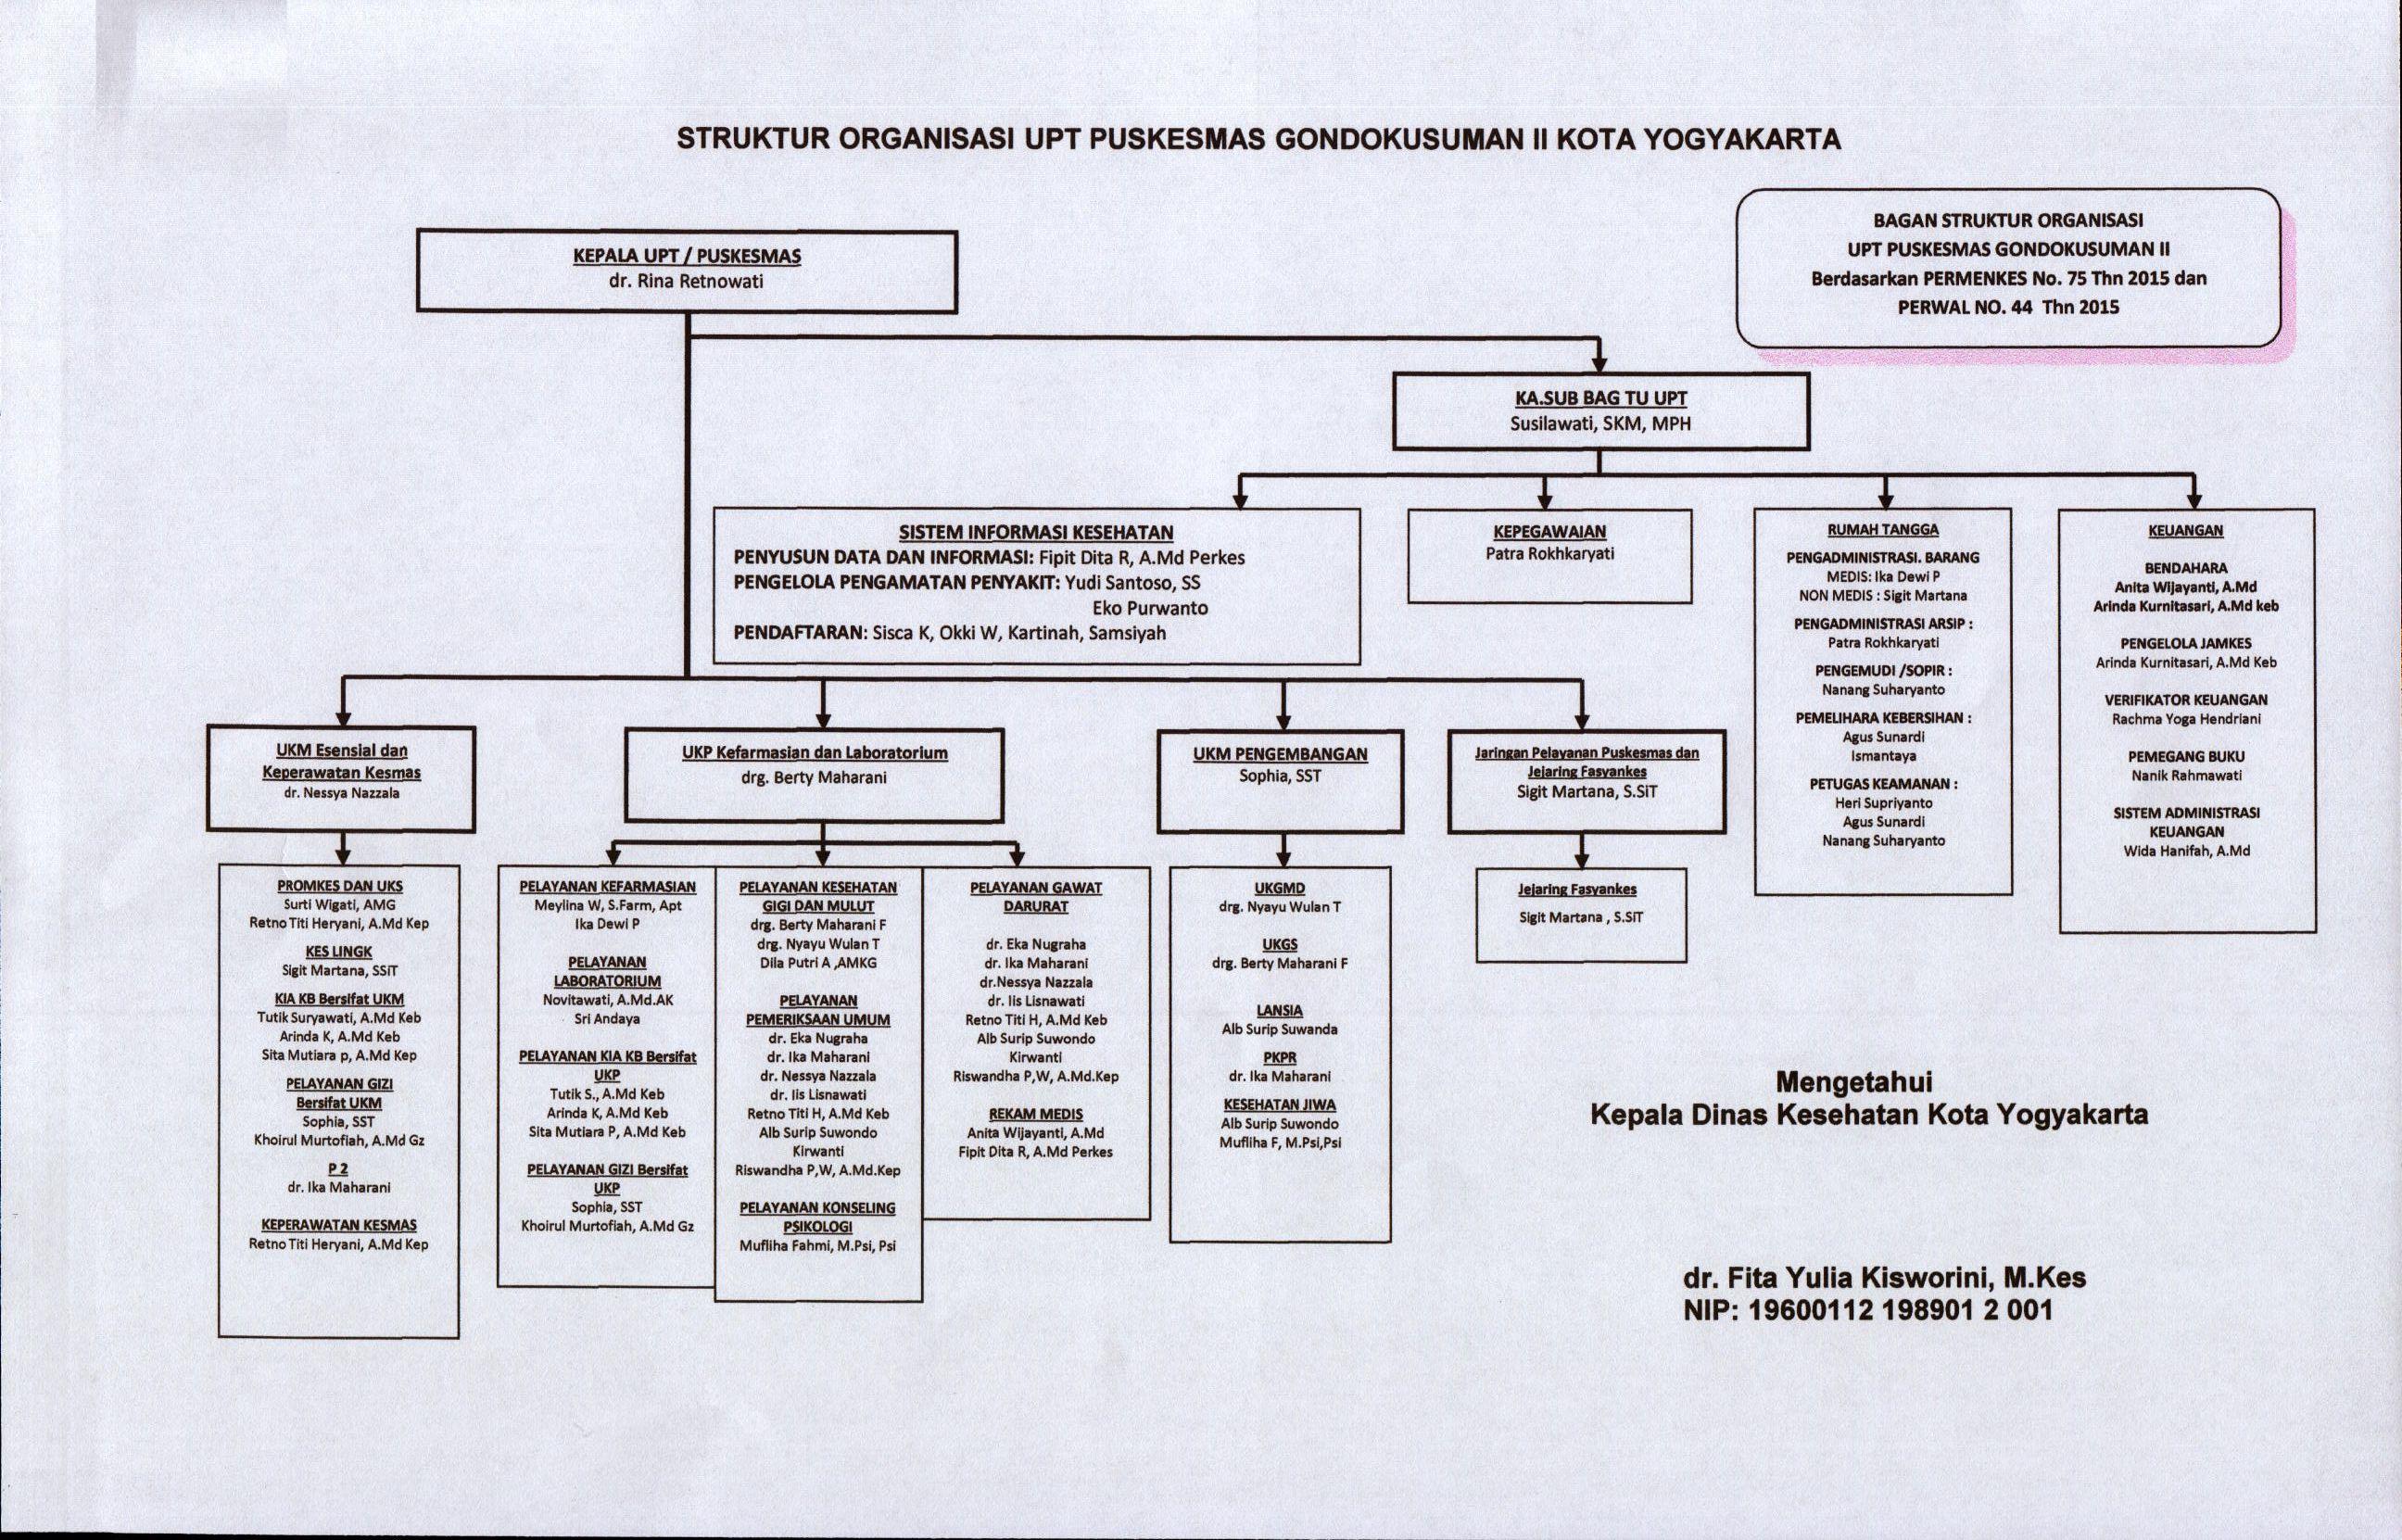 Struktur Organisasi Puskesmas Gondokusuman II